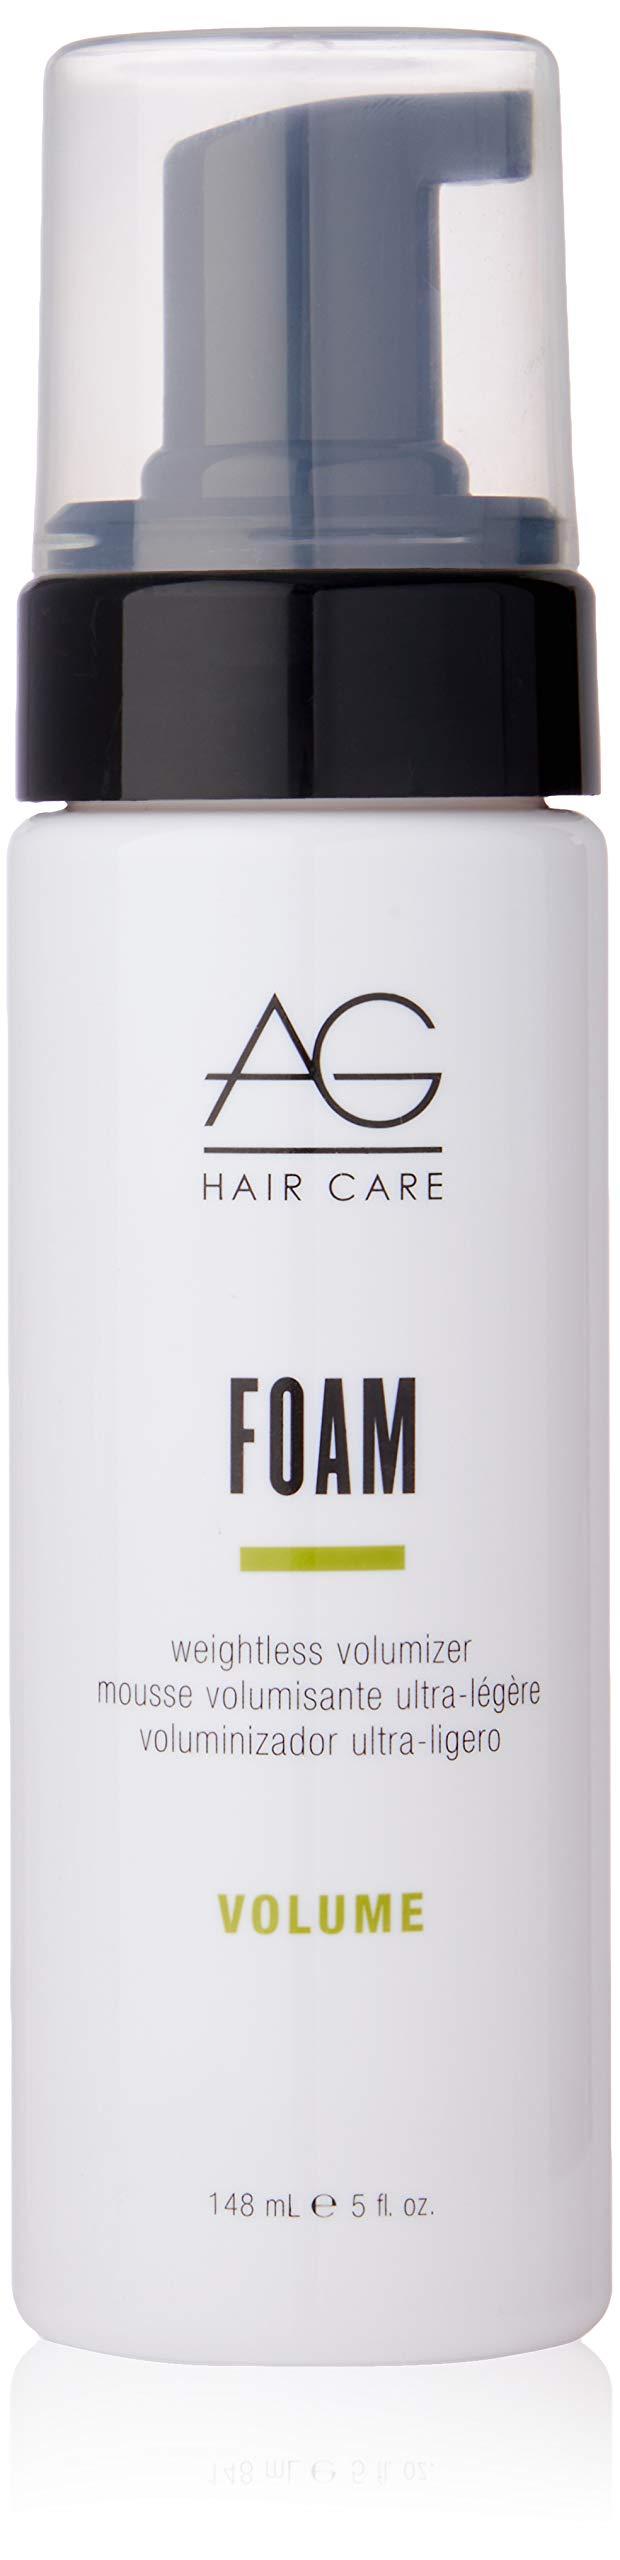 AG Hair Volume Foam Weightless Volumizer, 5 Fl Oz by AGHair